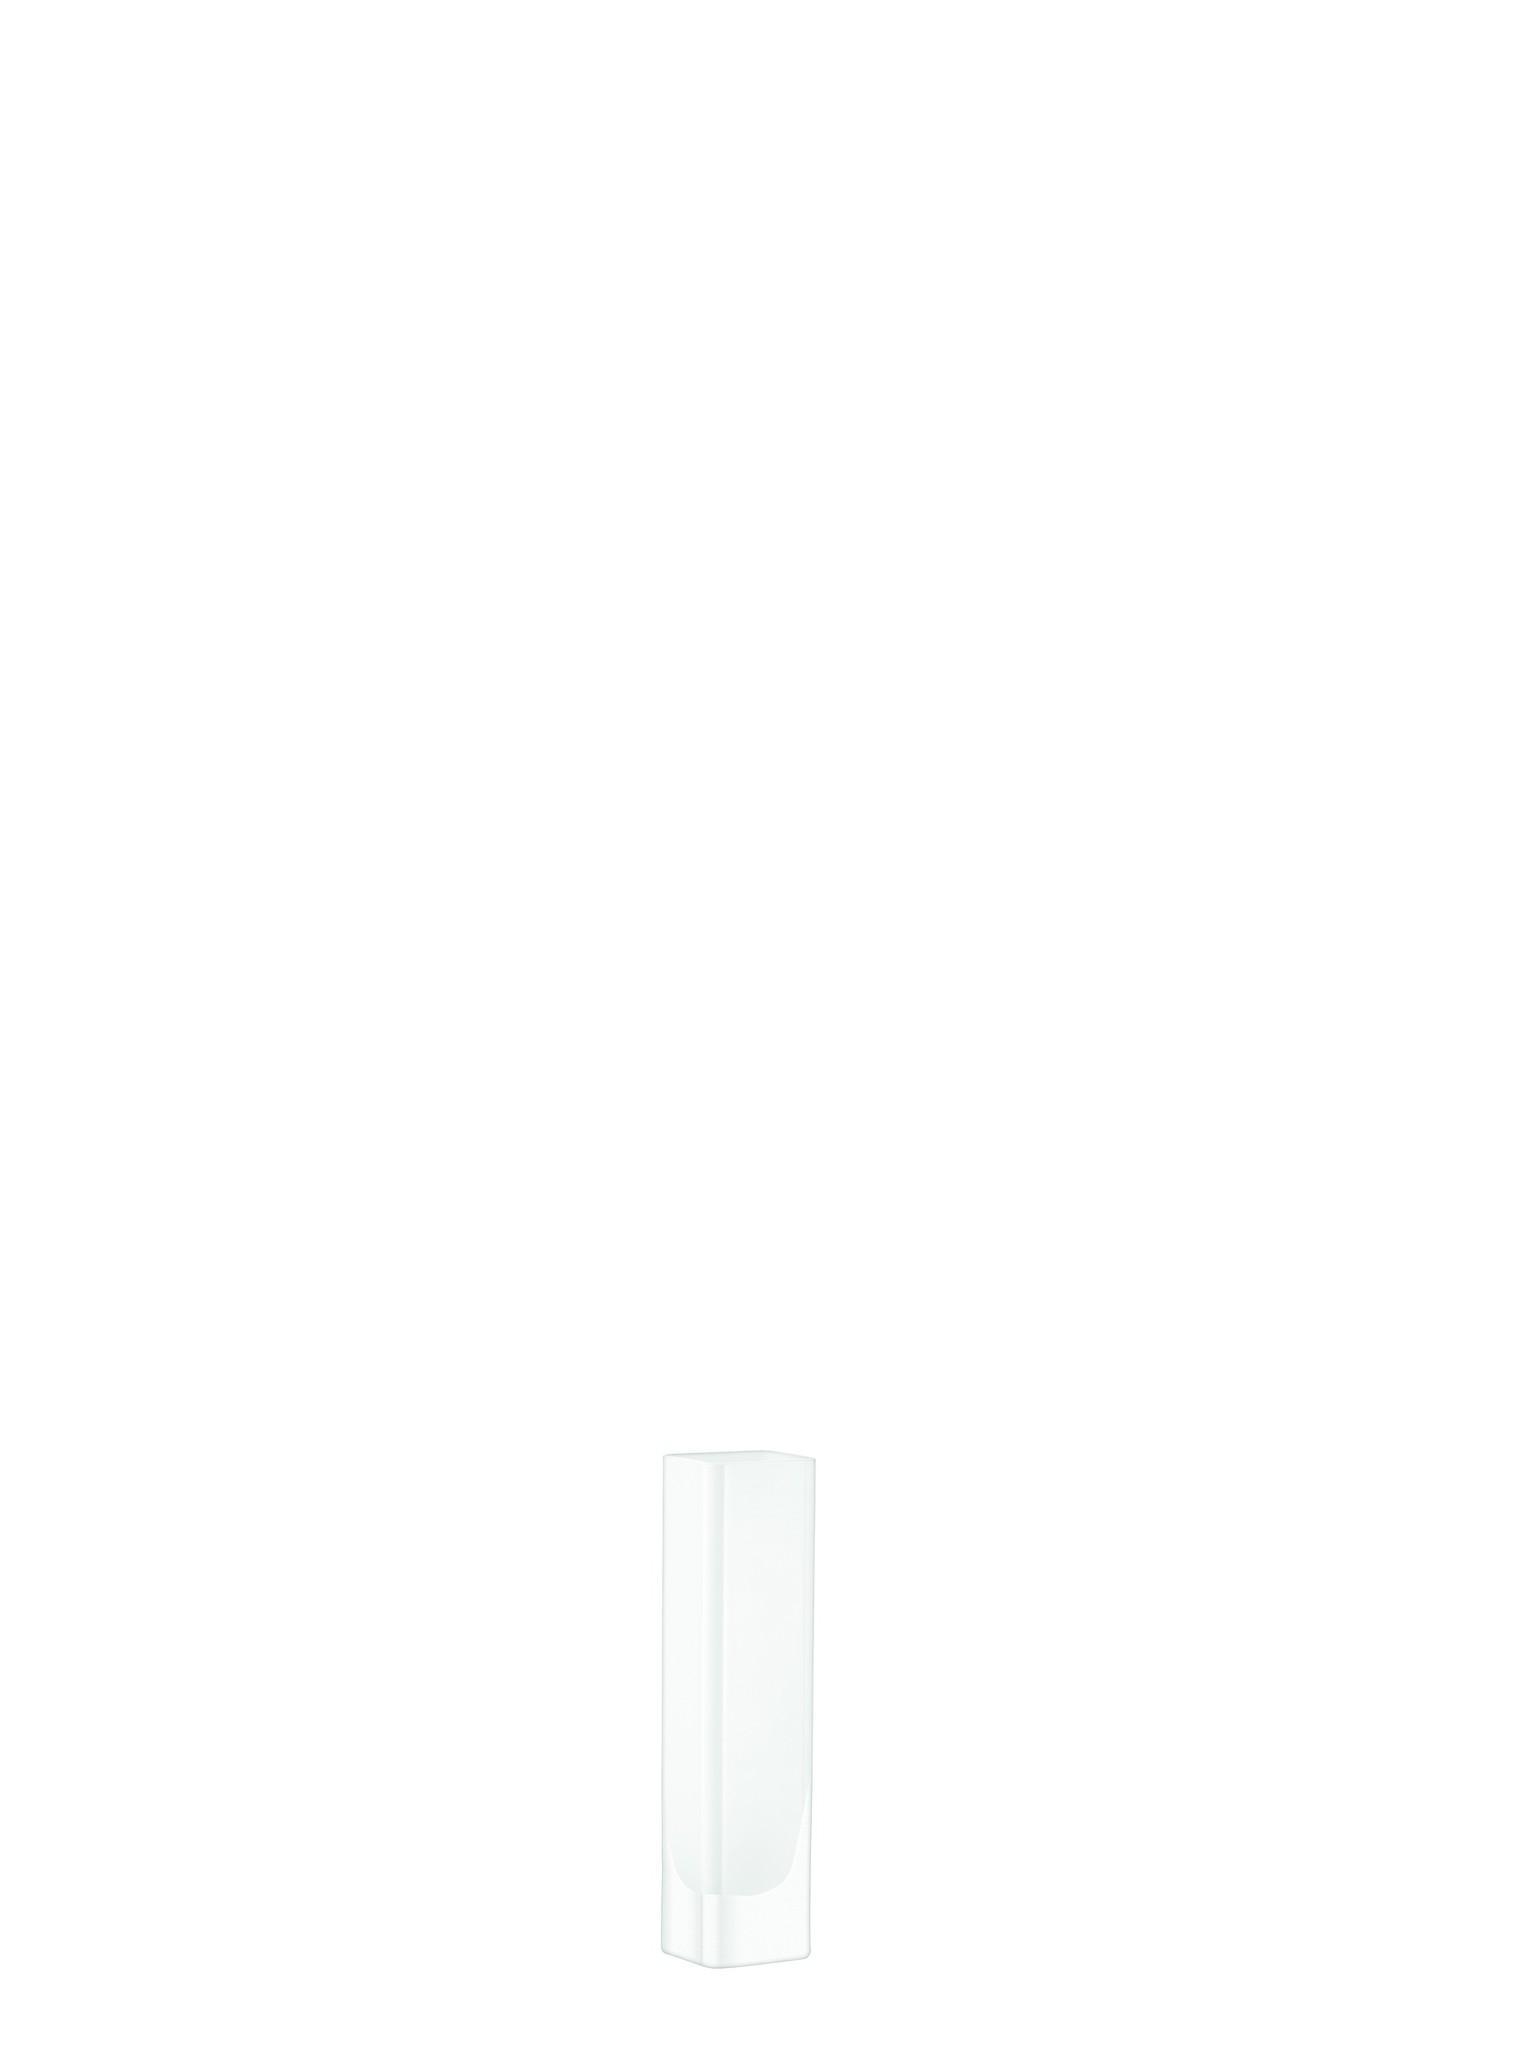 L.S.A. Modular Vaas H 20 cm